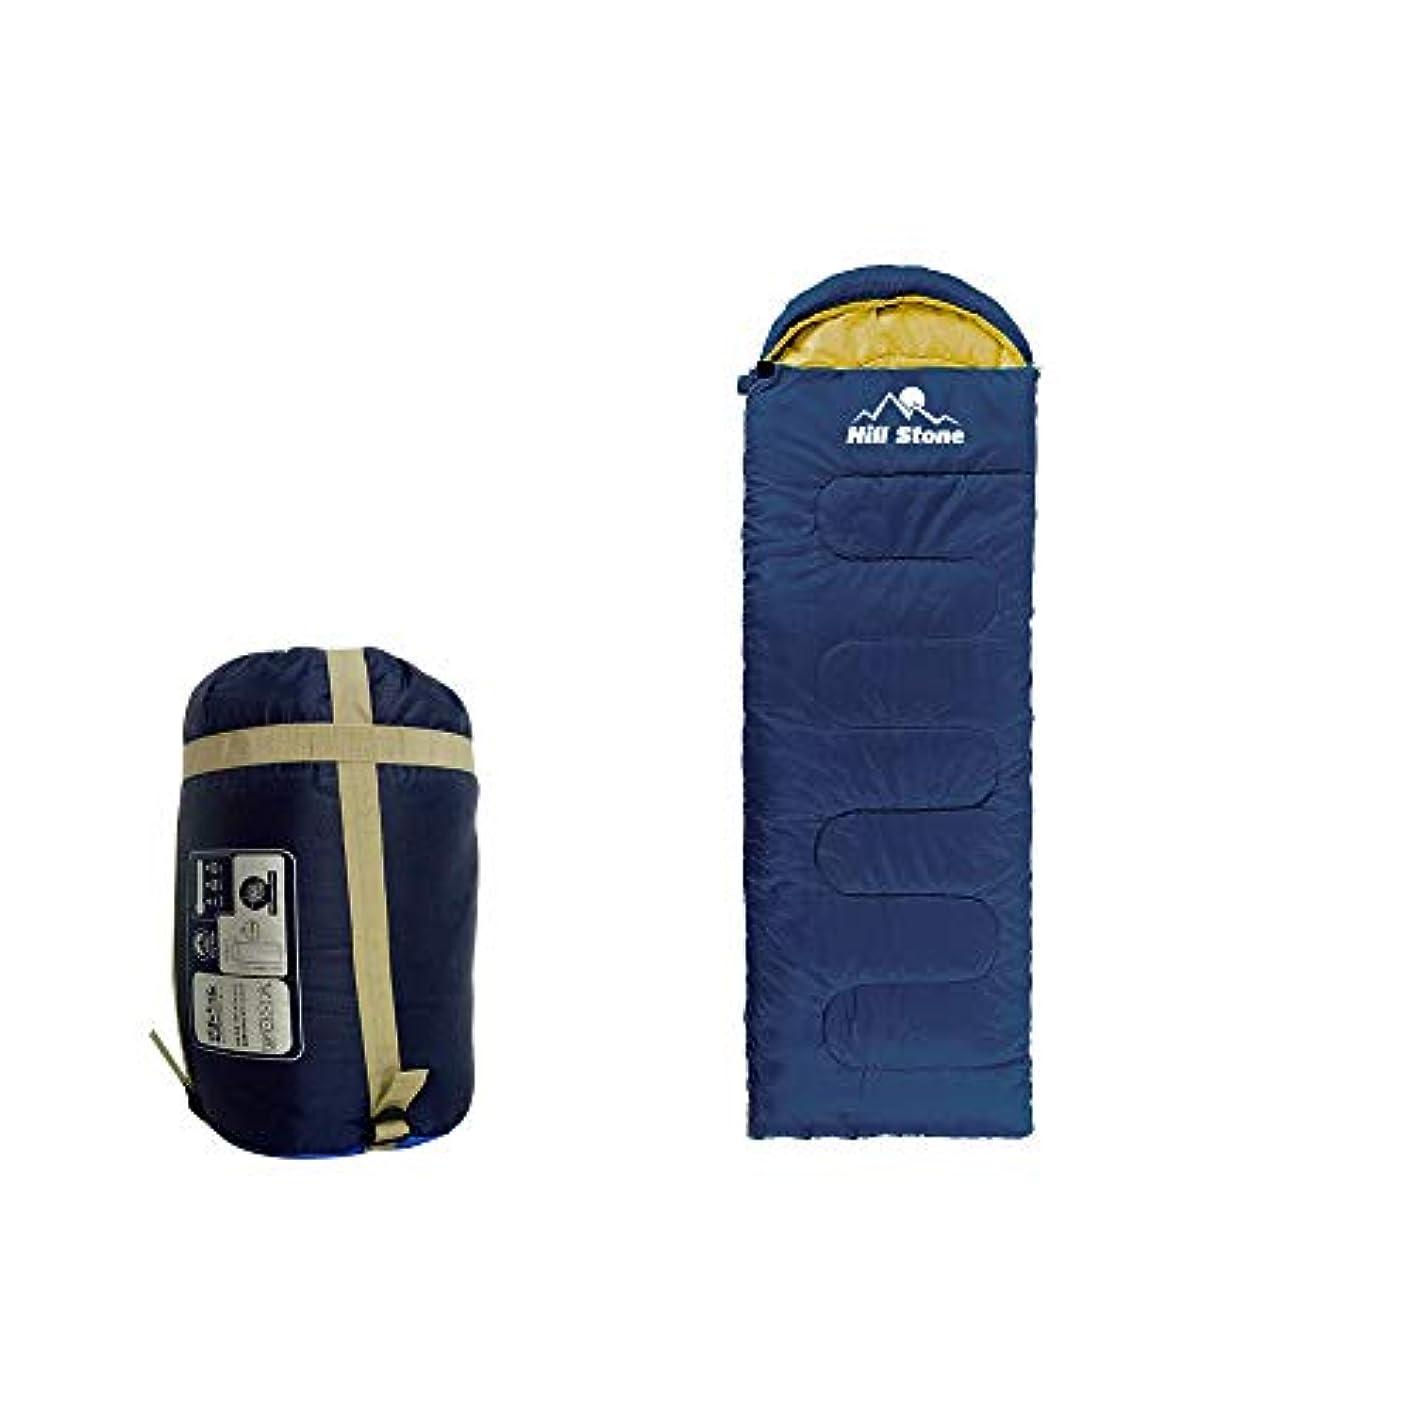 見通しアシュリータファーマン質量Hewflit 寝袋1.35kg シュラフ 封筒型 冬用 掛け布団 連結可能 キャンプ 車中泊 防寒 アウトドア 軽量 防災 全5色 [並行輸入品]